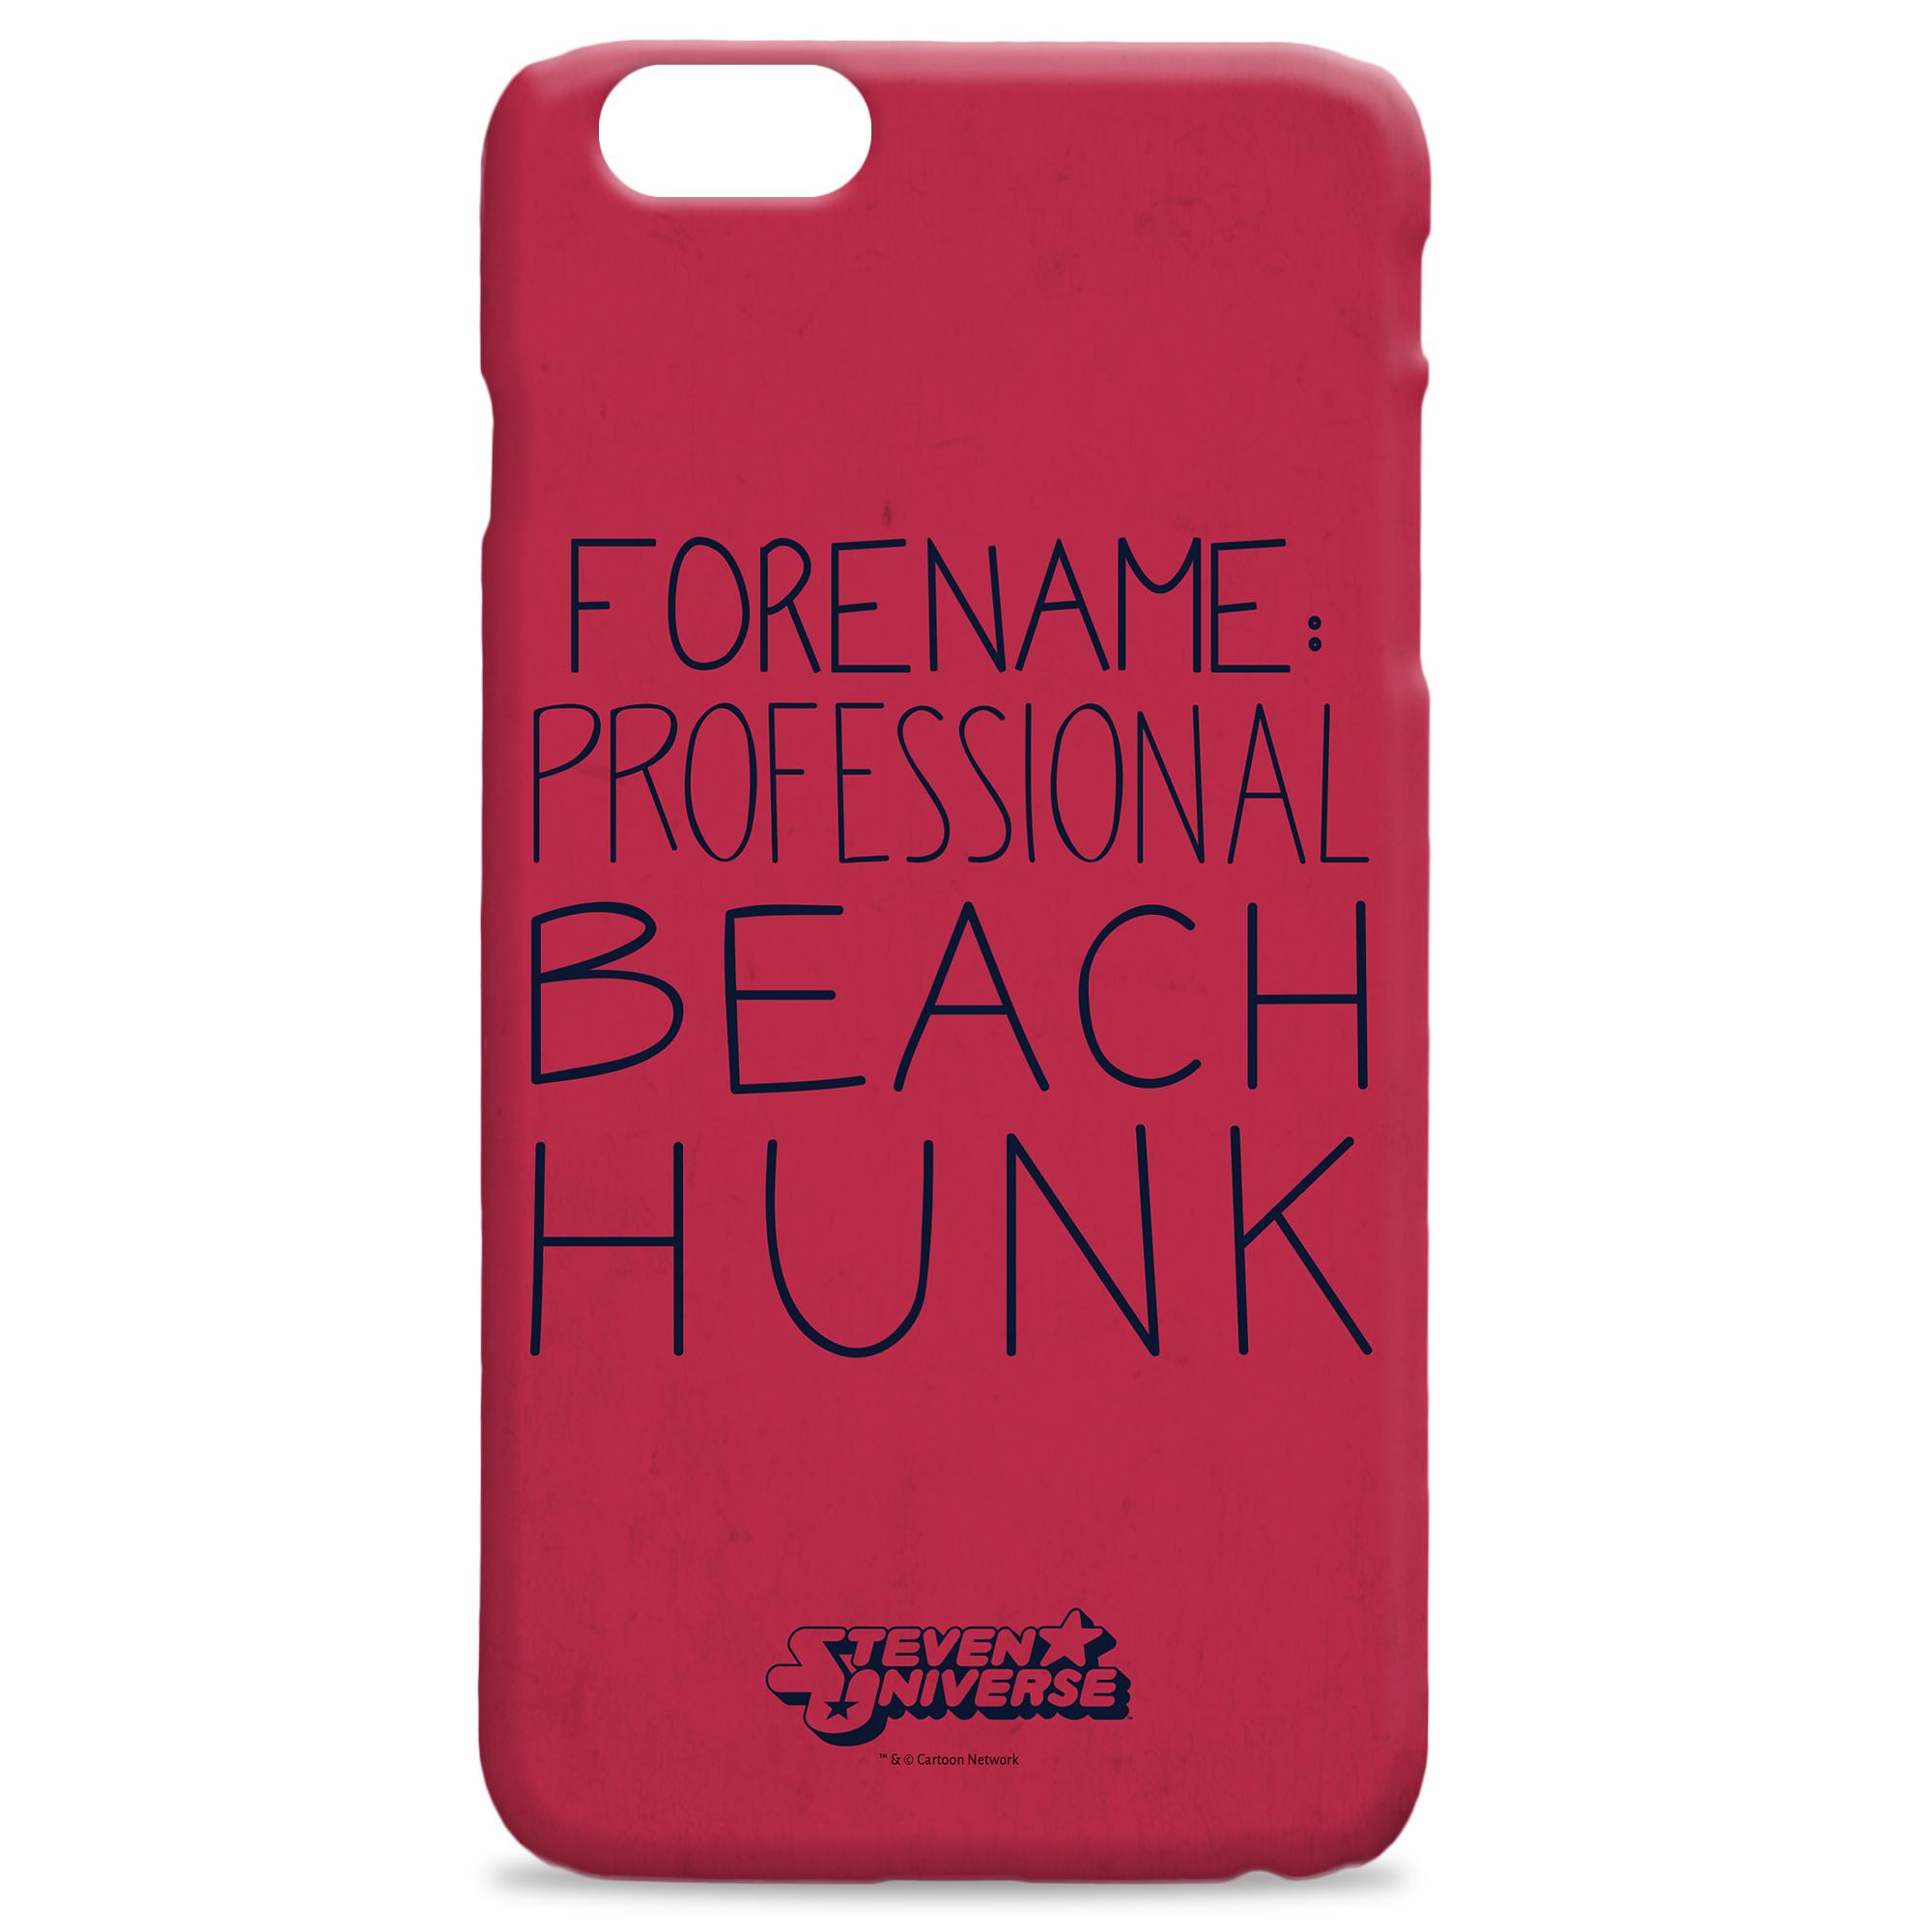 Steven Universe Beach Hunk iPhone Case